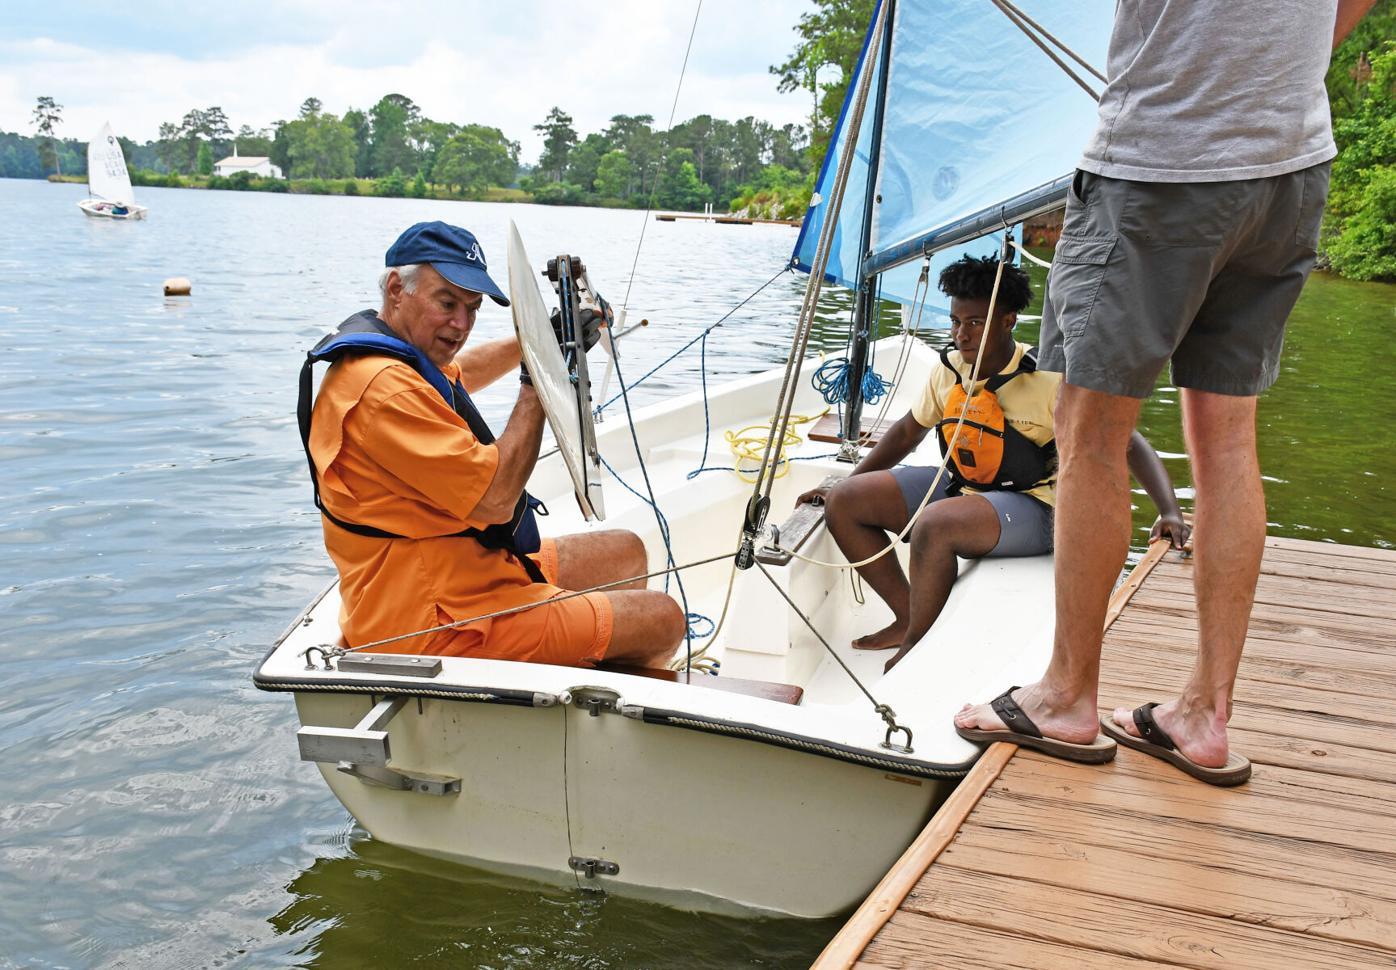 Dixie Sailing Club